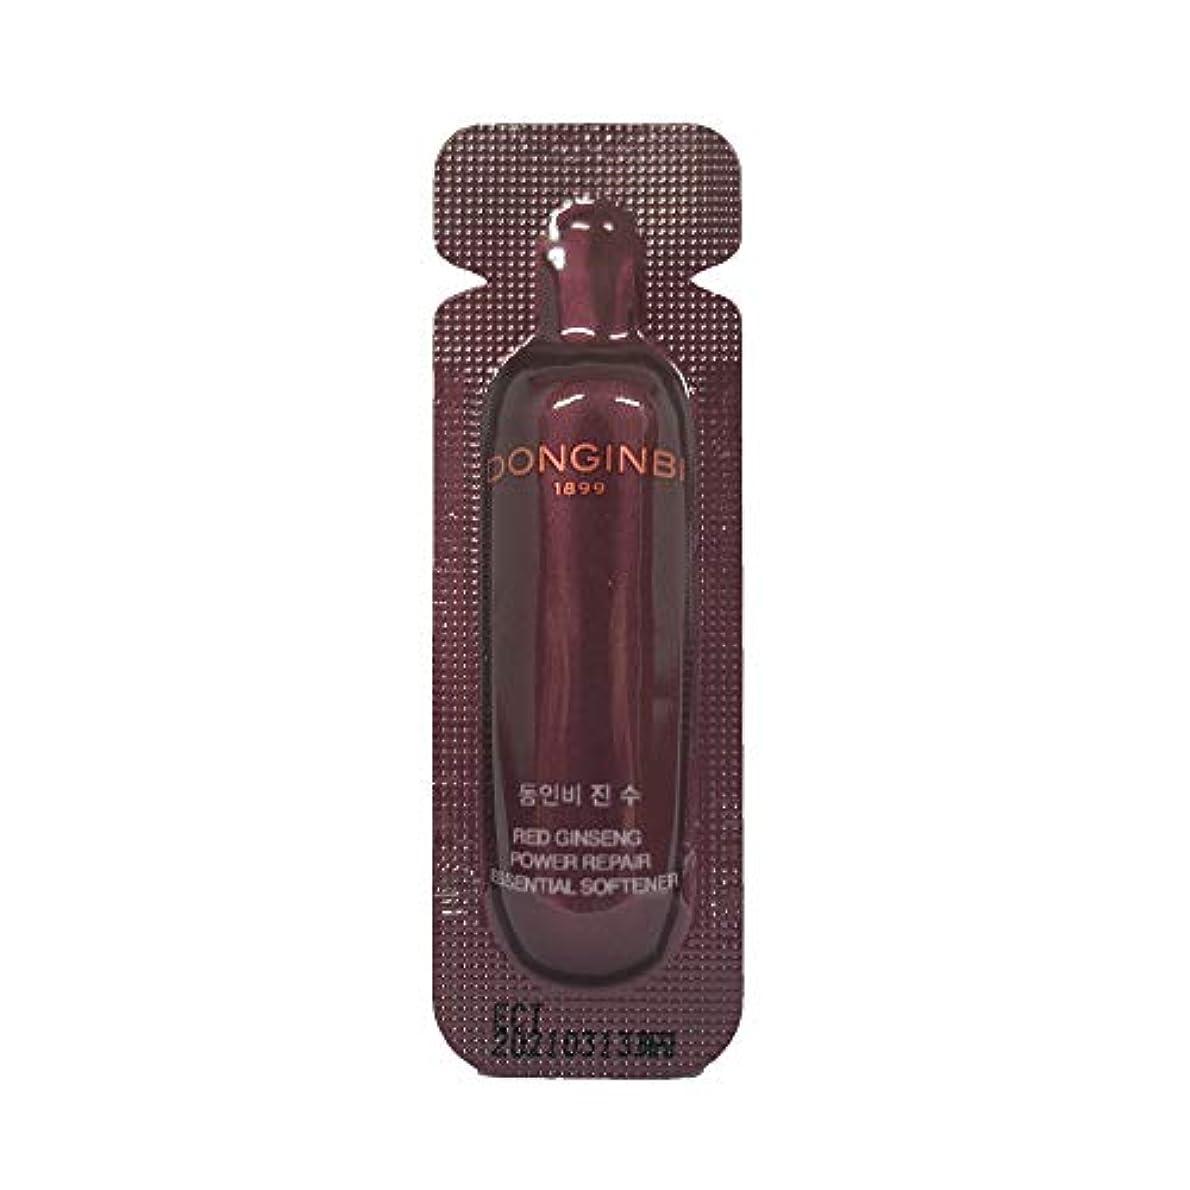 エンドテーブル会員ほぼ[正官庄/ドンインビ/DONGINBI]ドンインビ?ジン?水1mlx30枚 Donginbi Red Ginseng Power Repair Softner